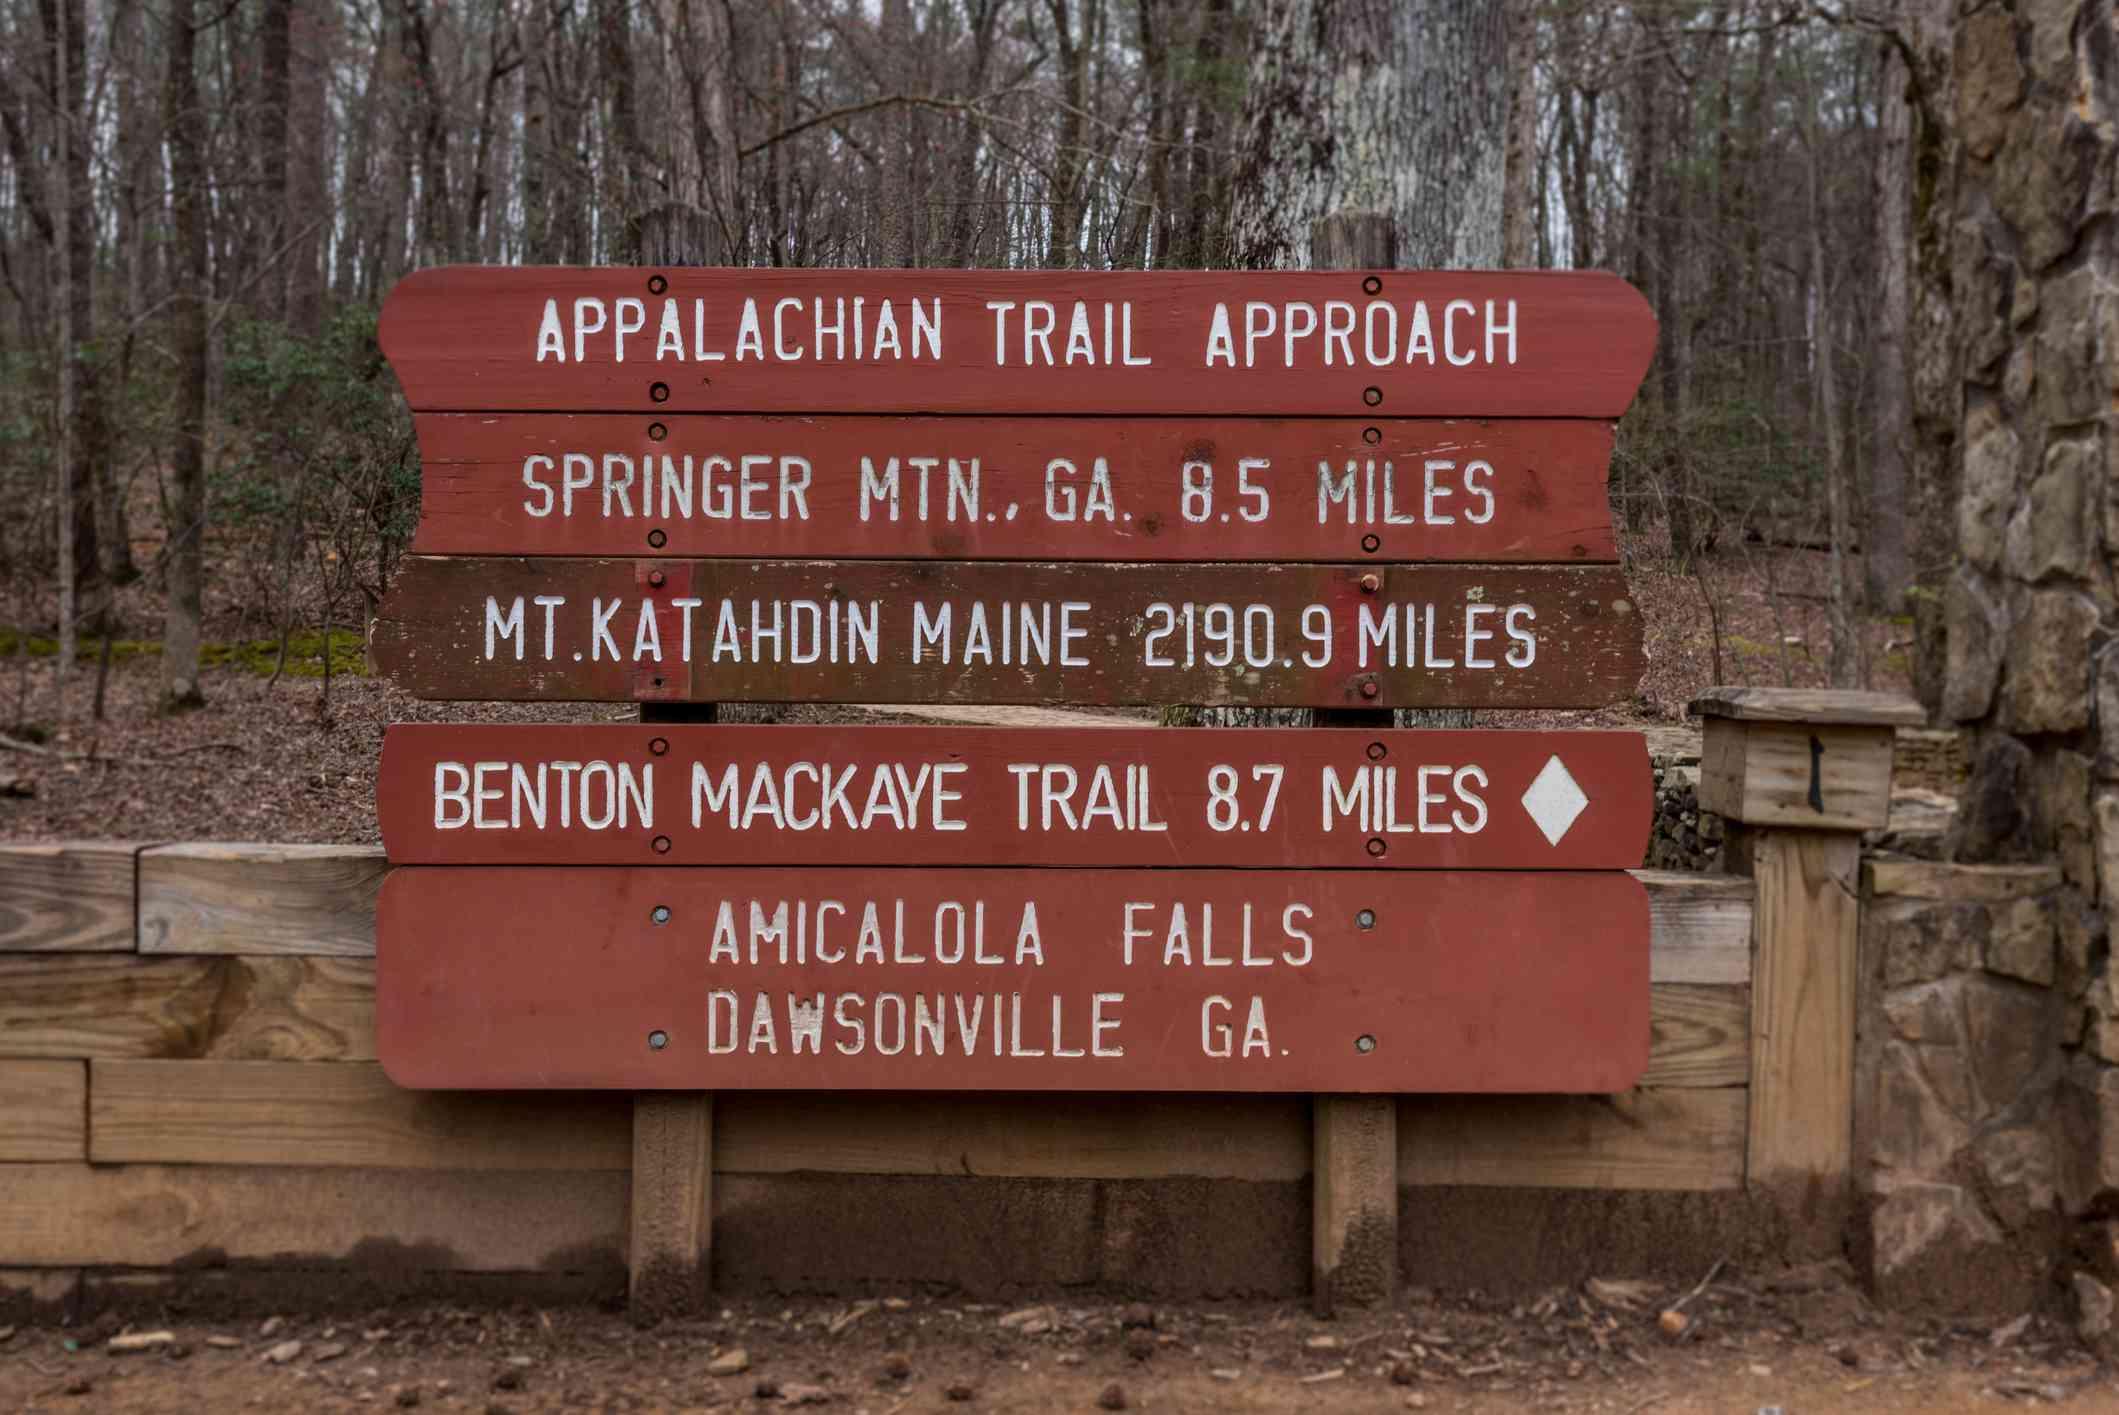 Appalachian Trail Approach sign, Georgia